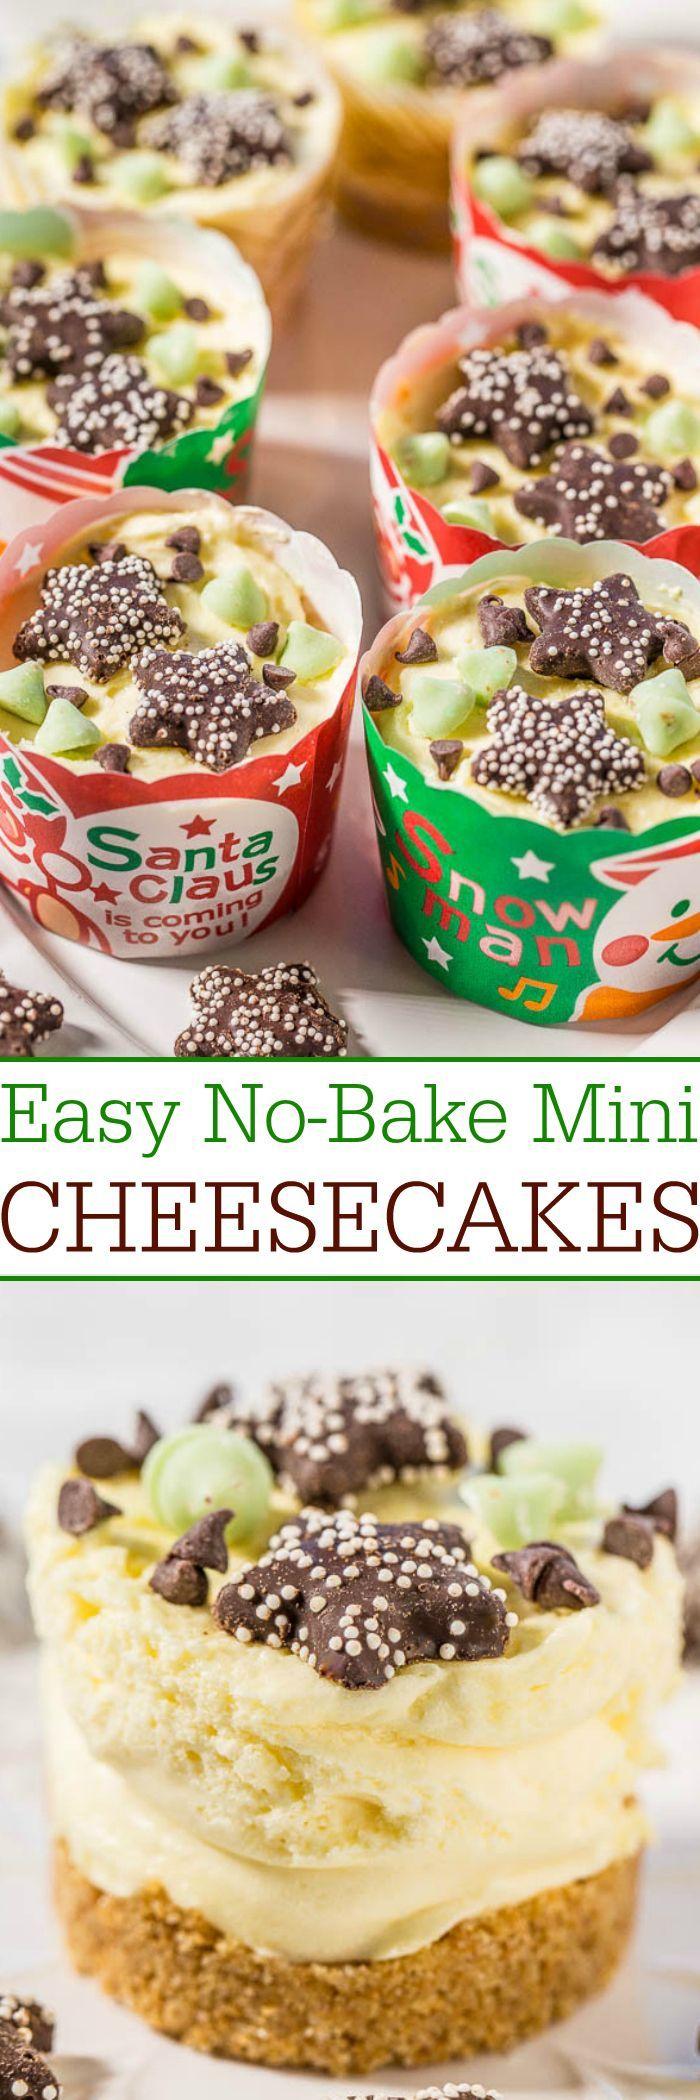 Easy No-Bake Mini Cheesecakes